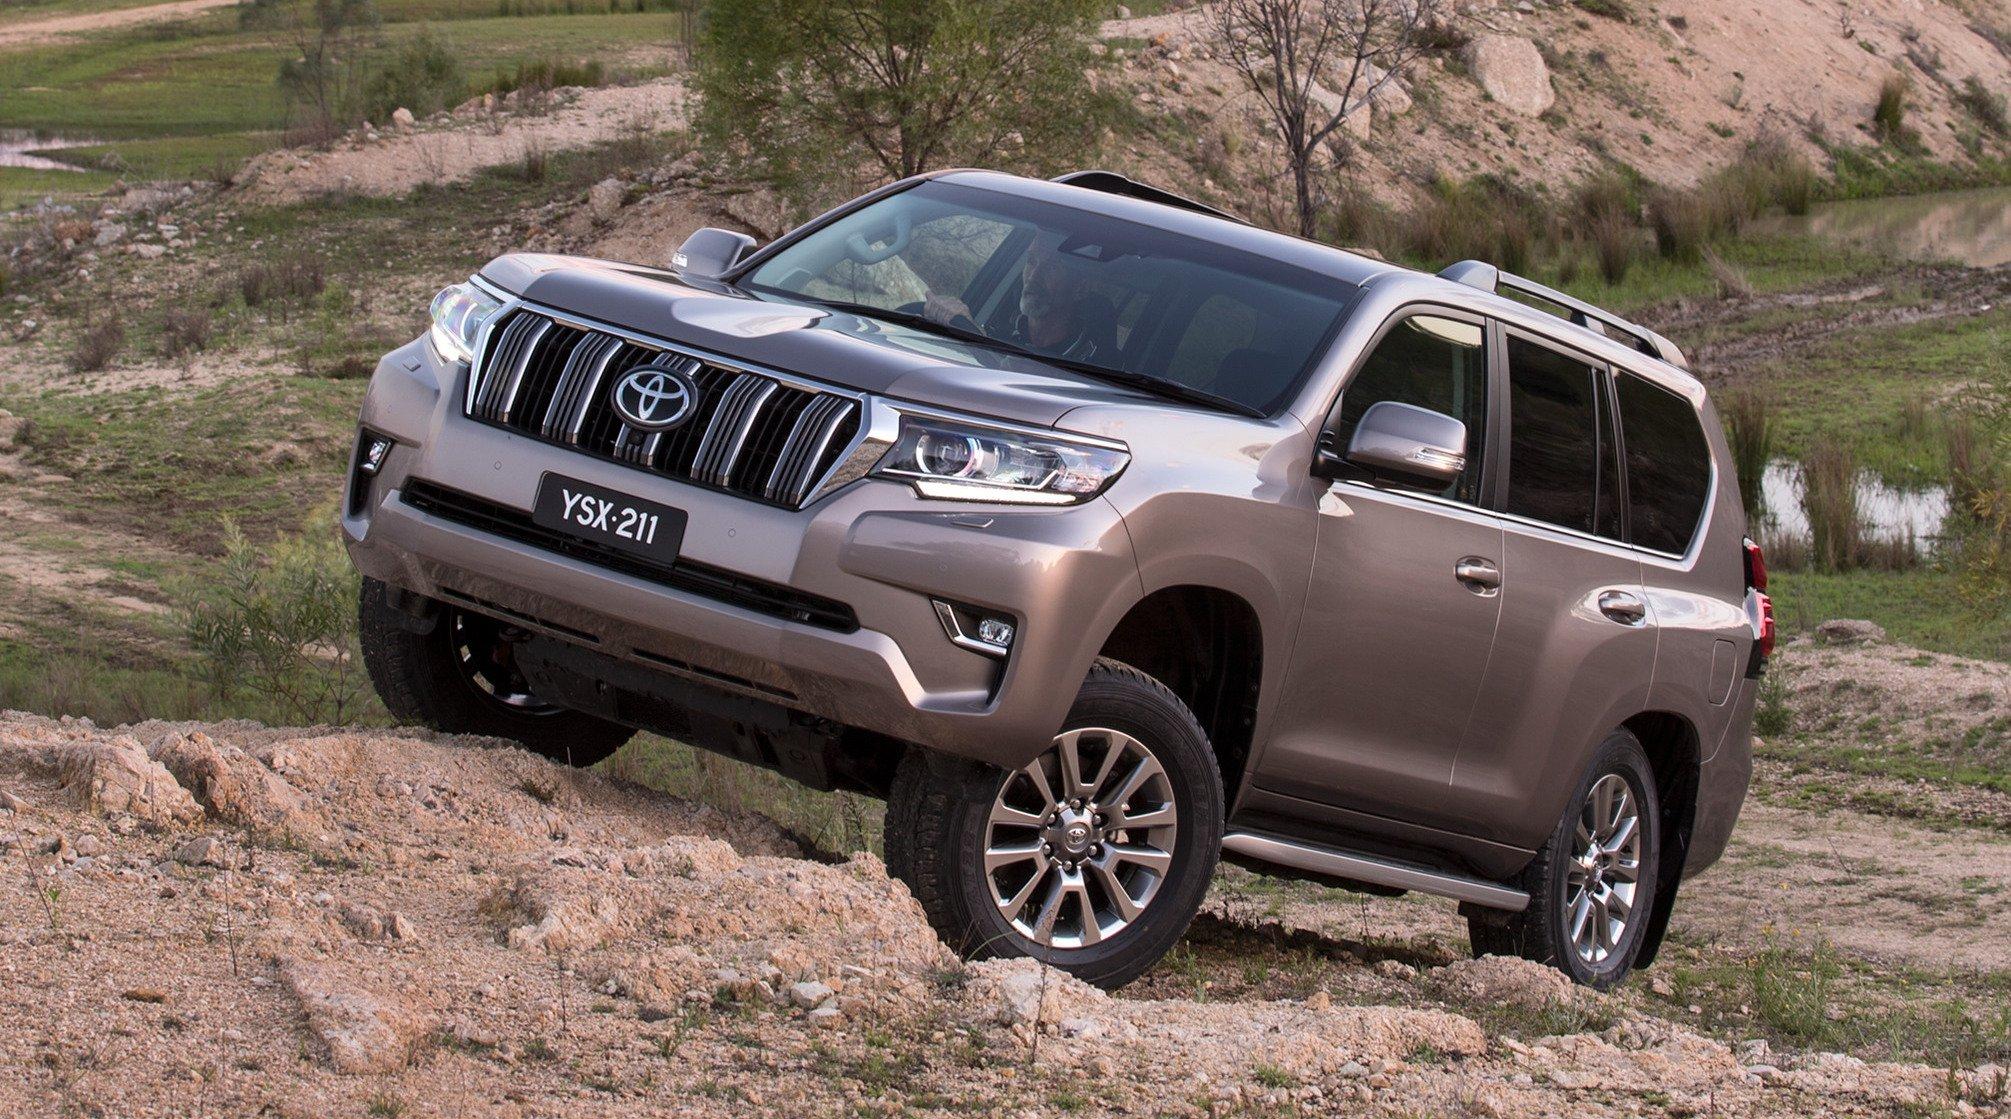 2018 Toyota Prado >> 2018 Toyota LandCruiser Prado pricing and specs - Photos (1 of 26)